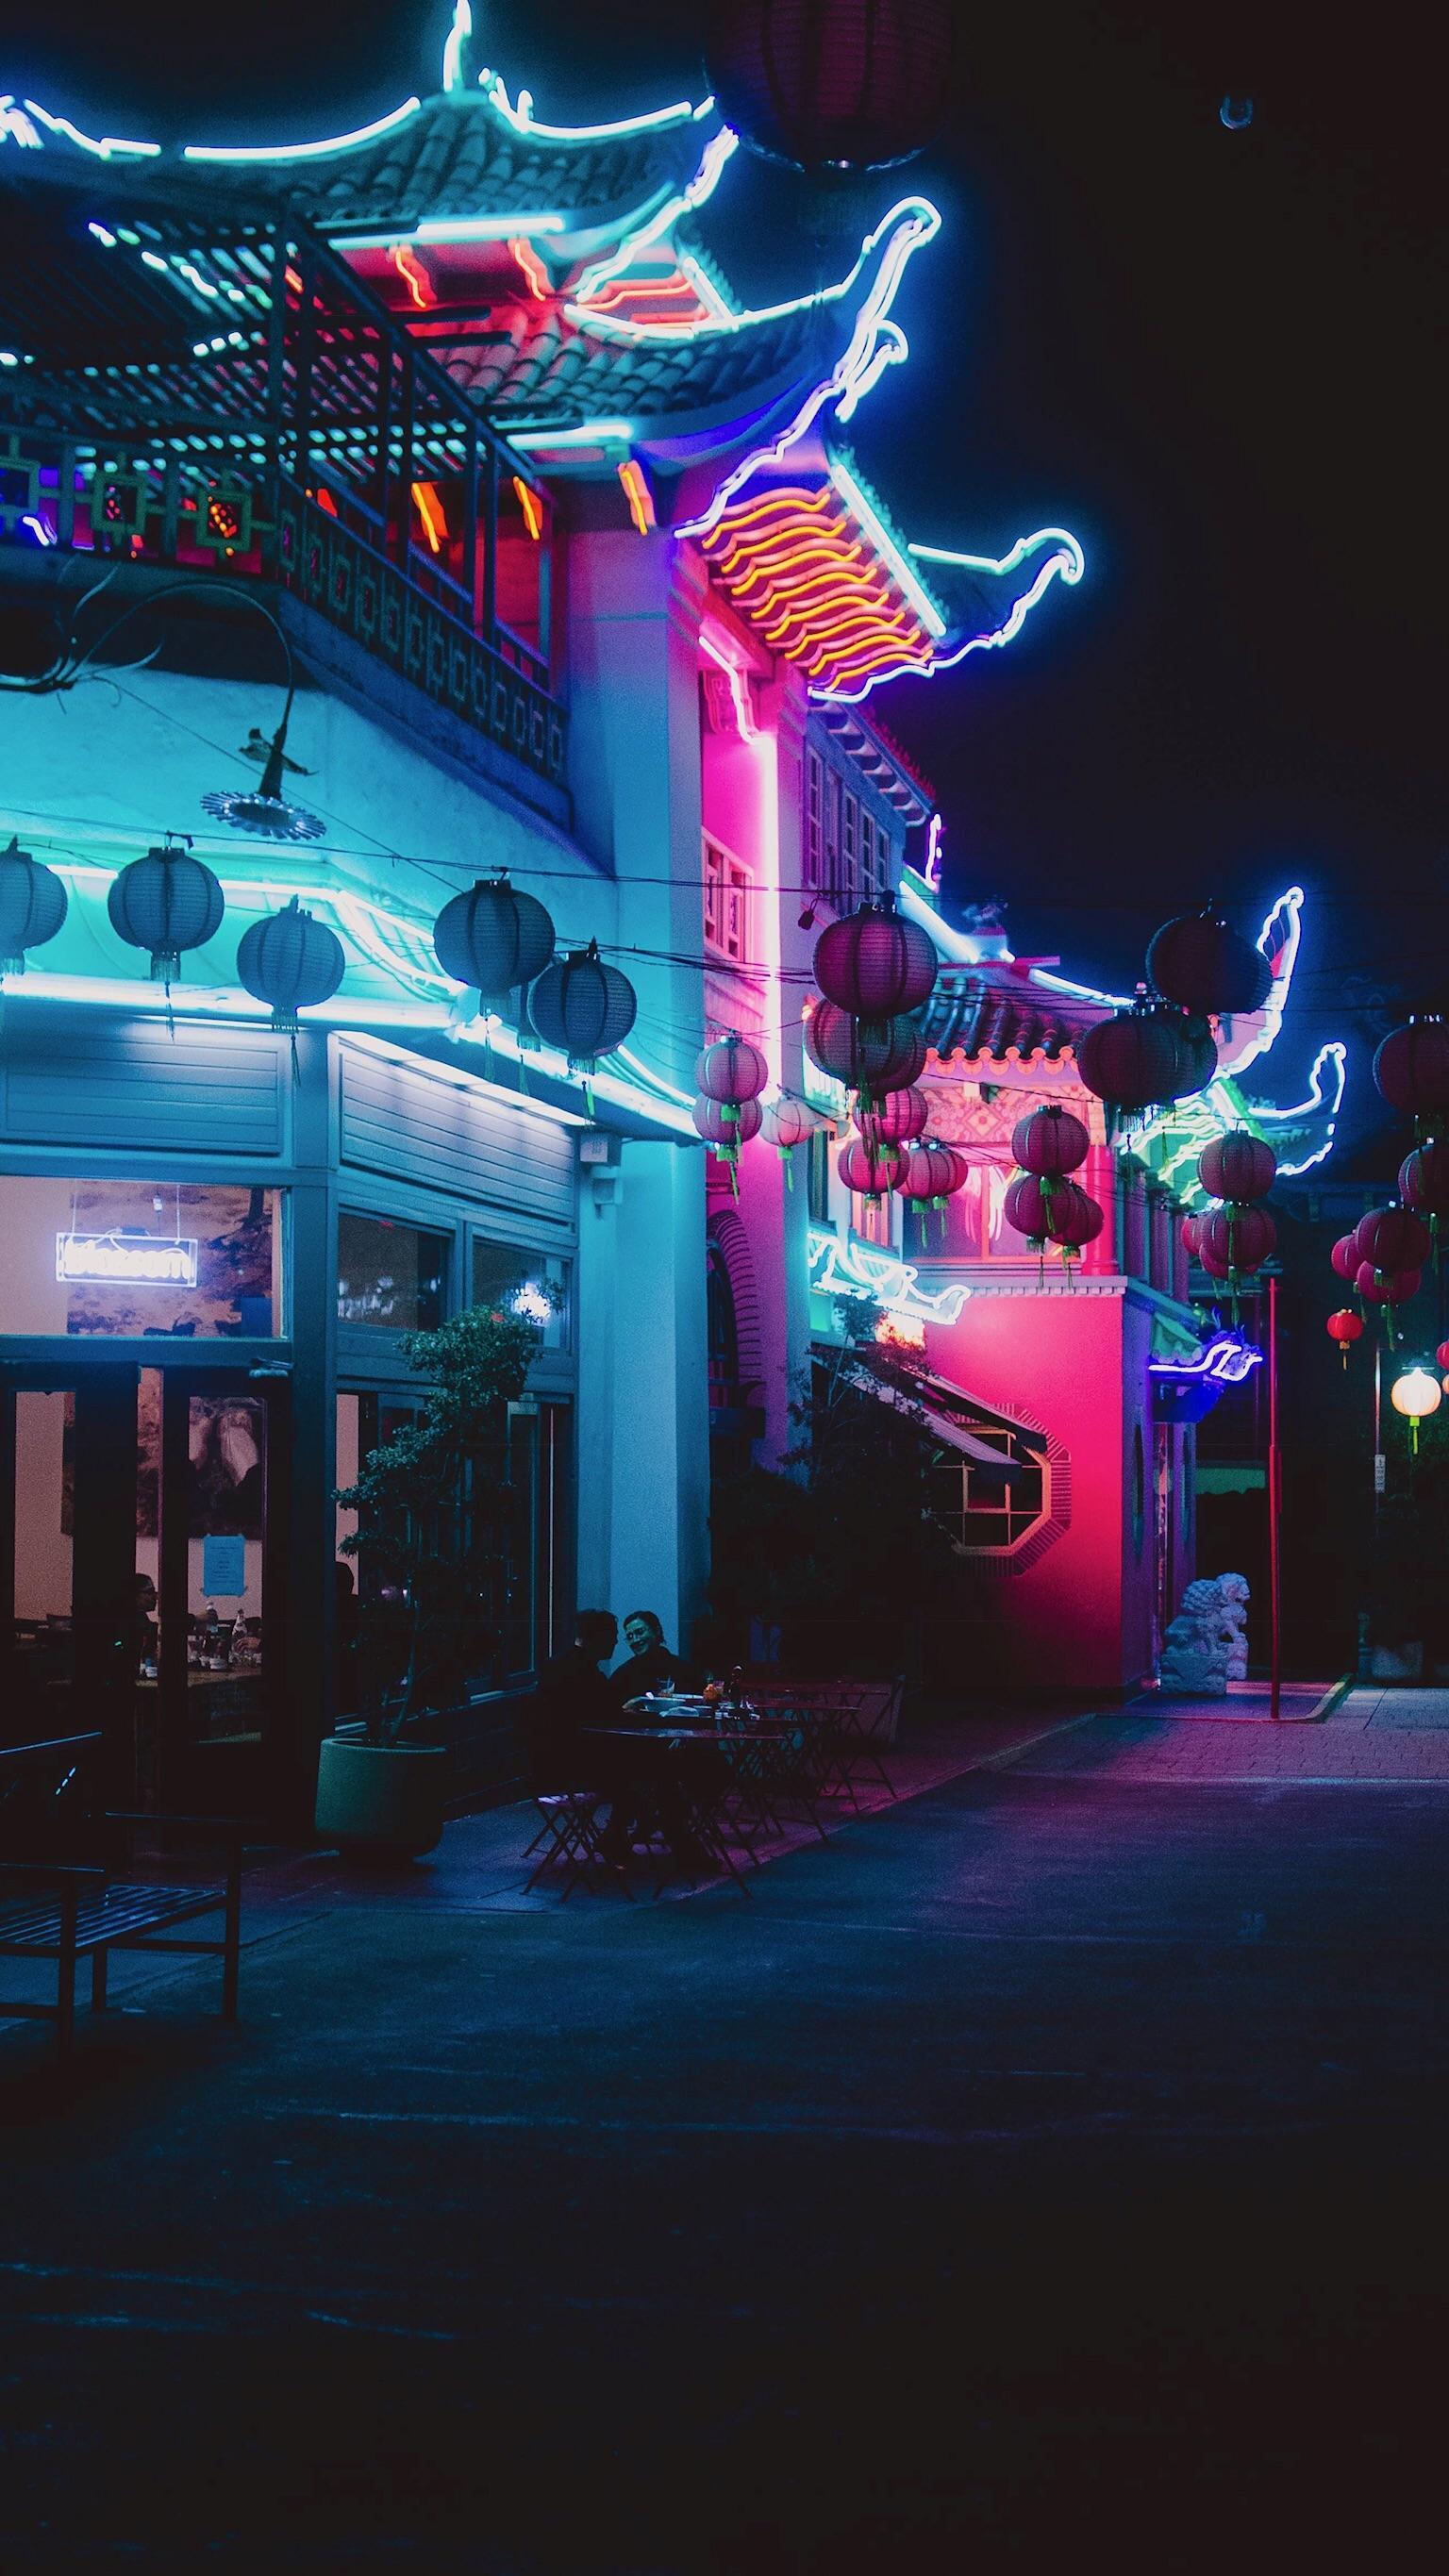 Neon Lights Wallpapers - Wallpaper Cave